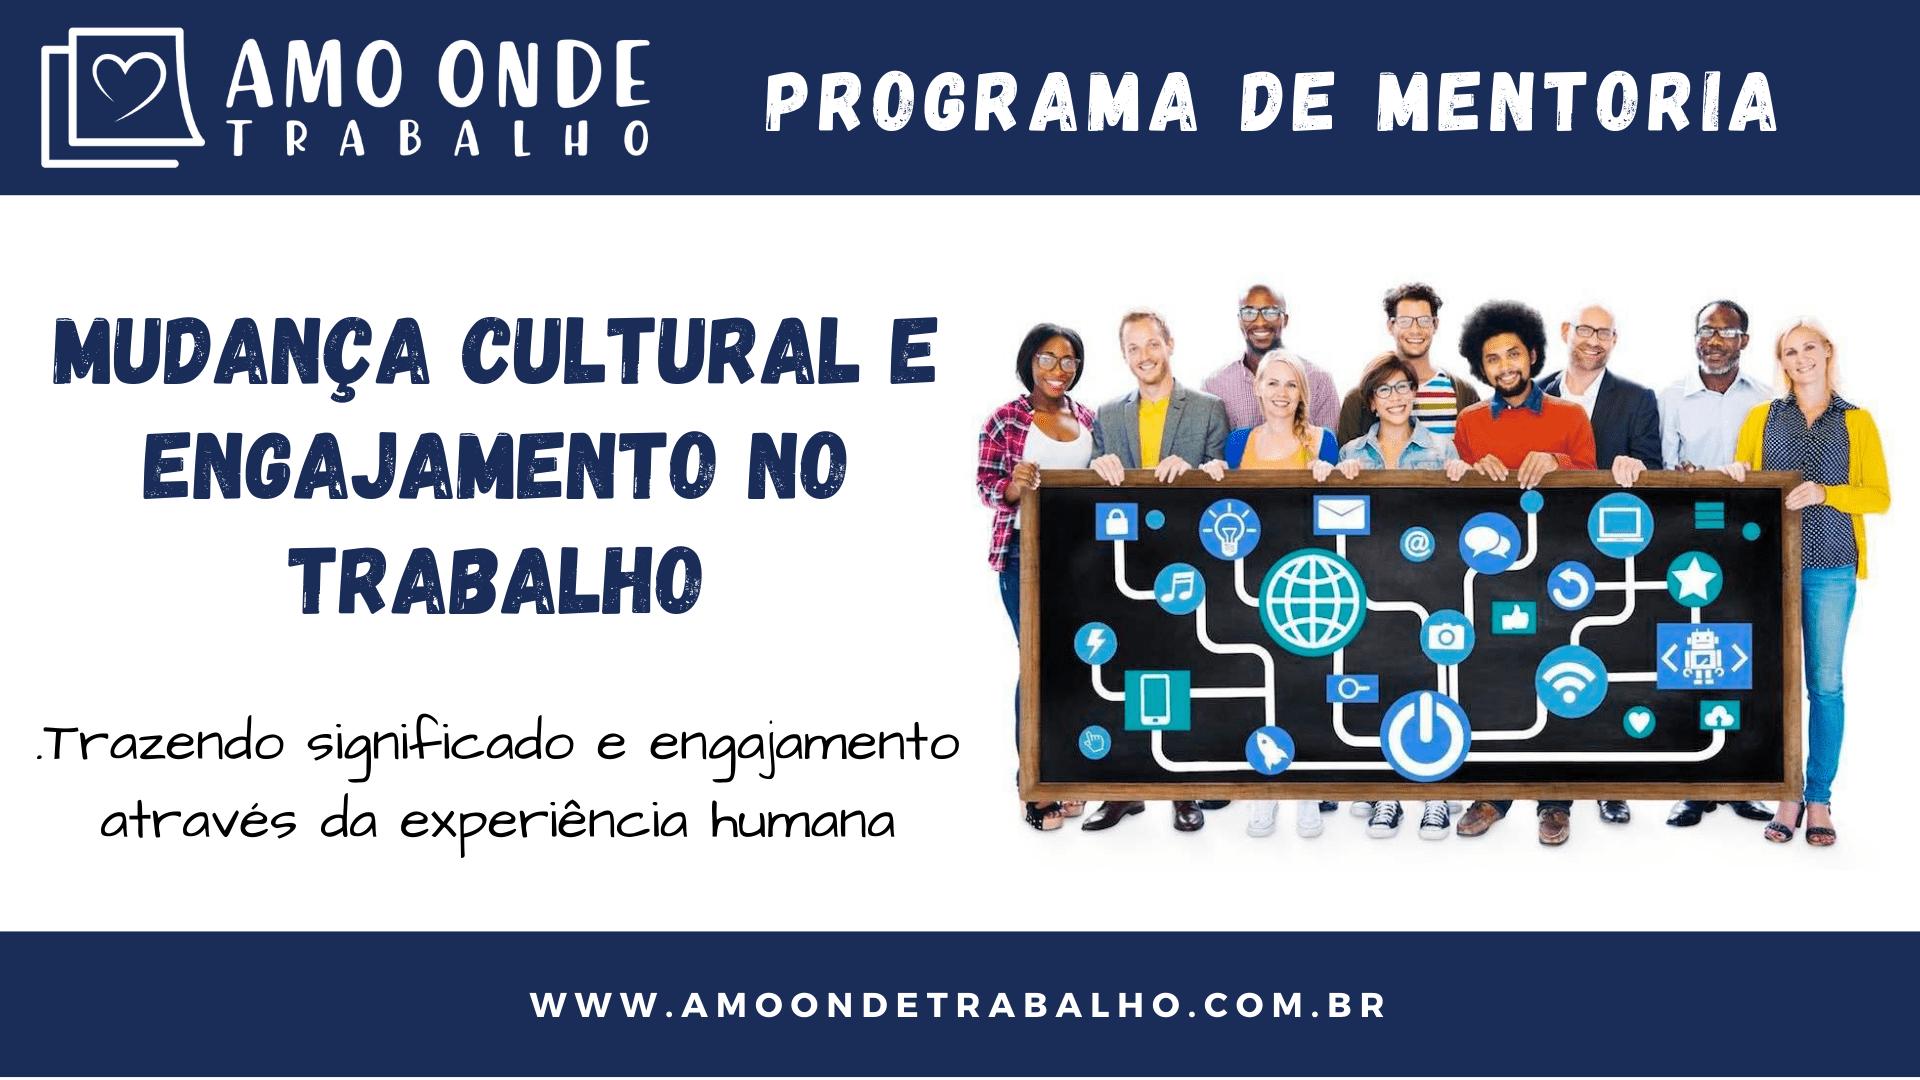 Programa de Mentoria - Mudança Cultural e Engajamento no Trabalho